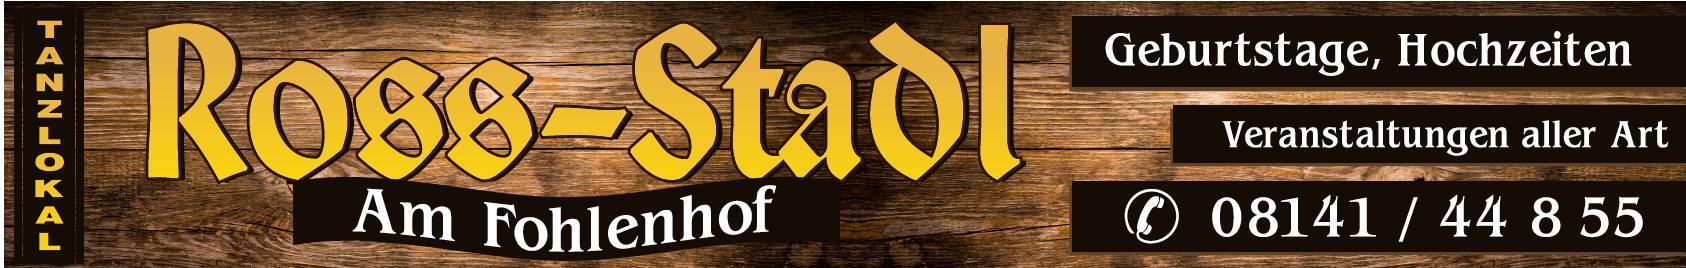 Ross-Stadl